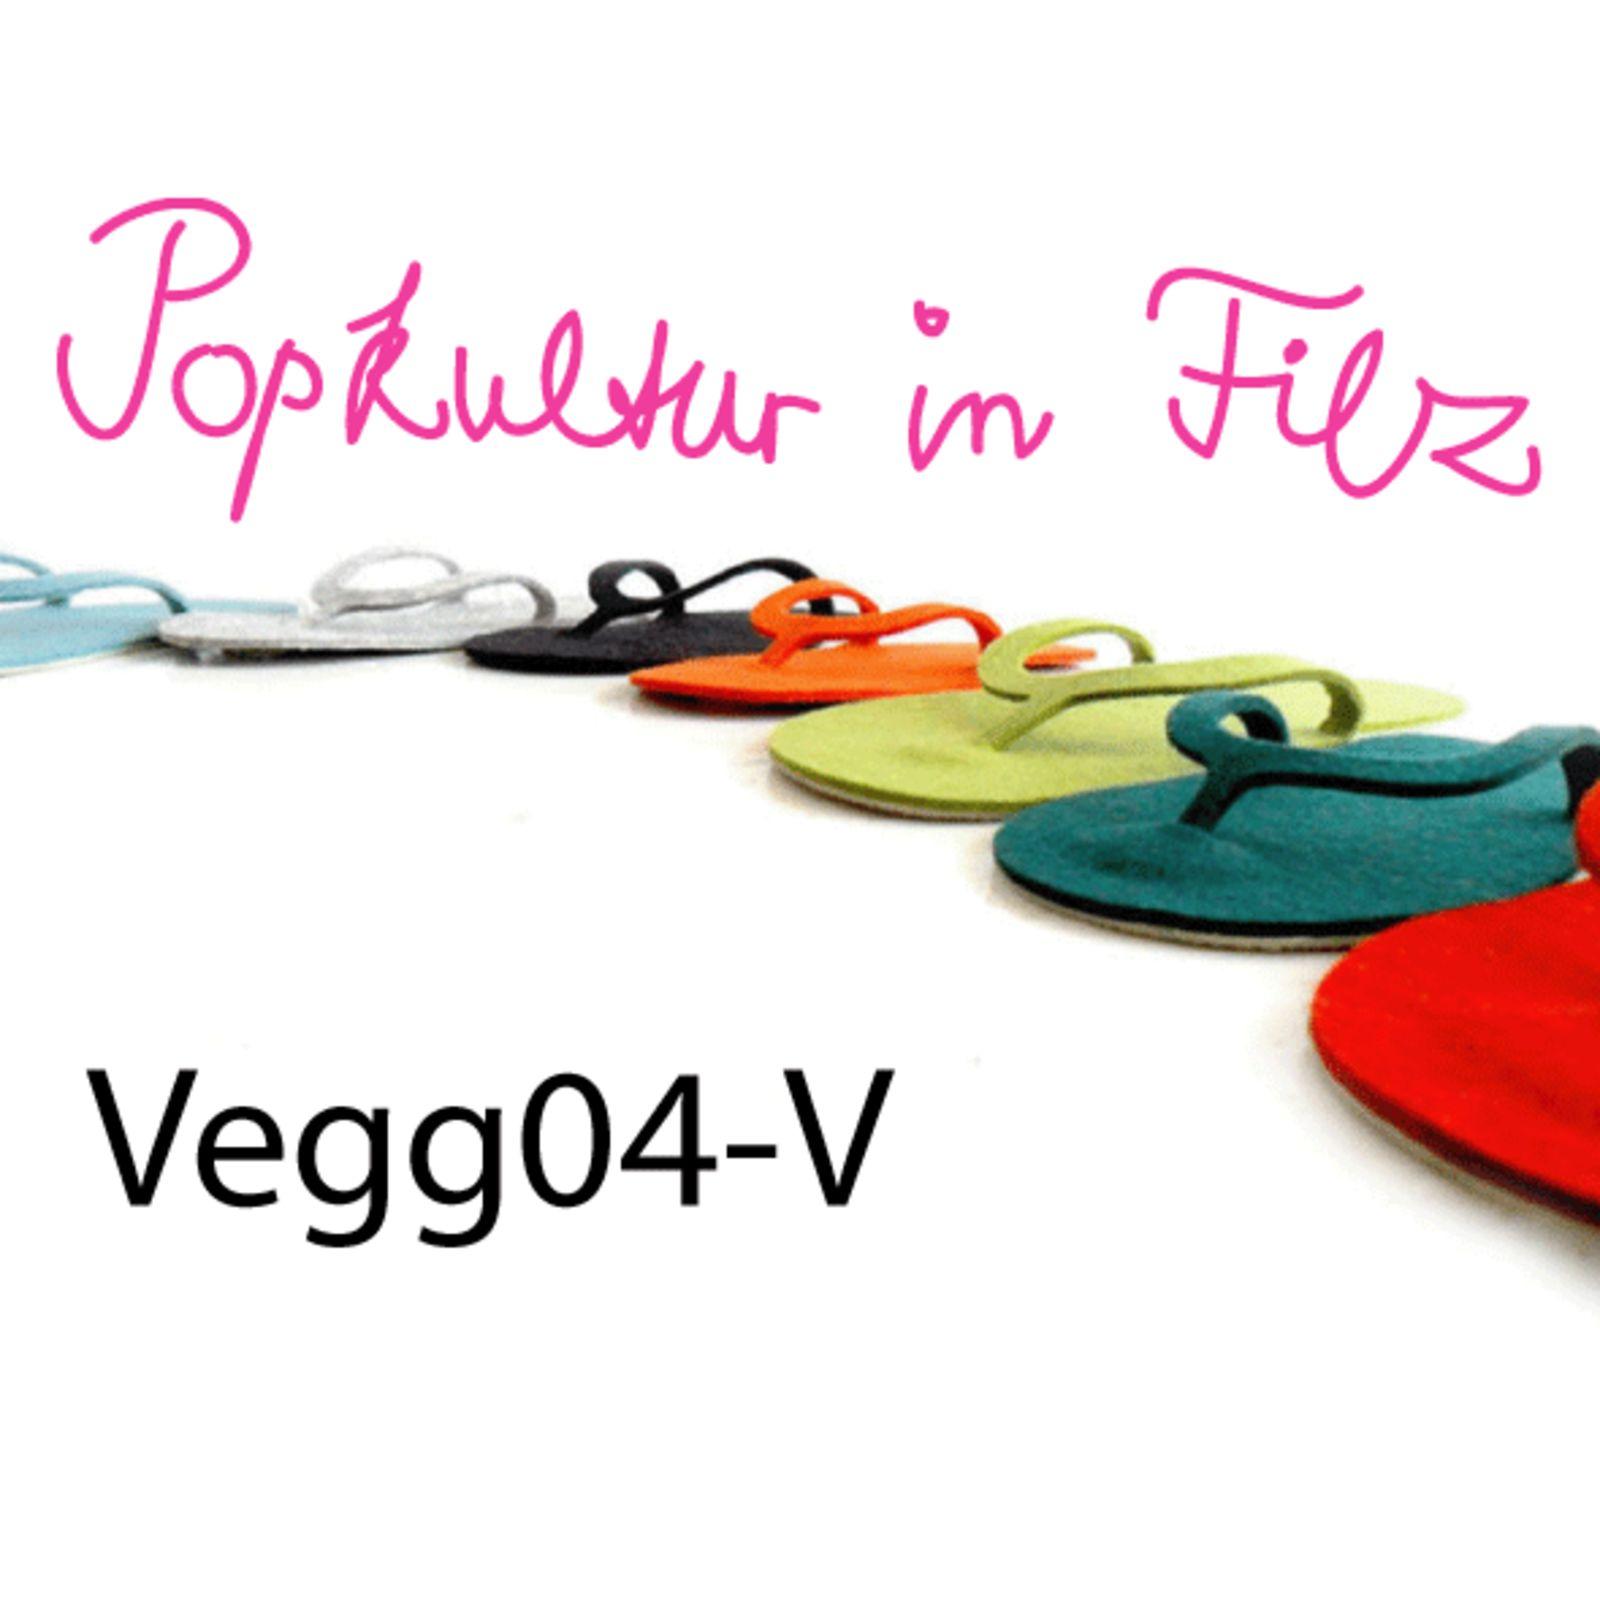 Vegg04-V Popkultur in Filz